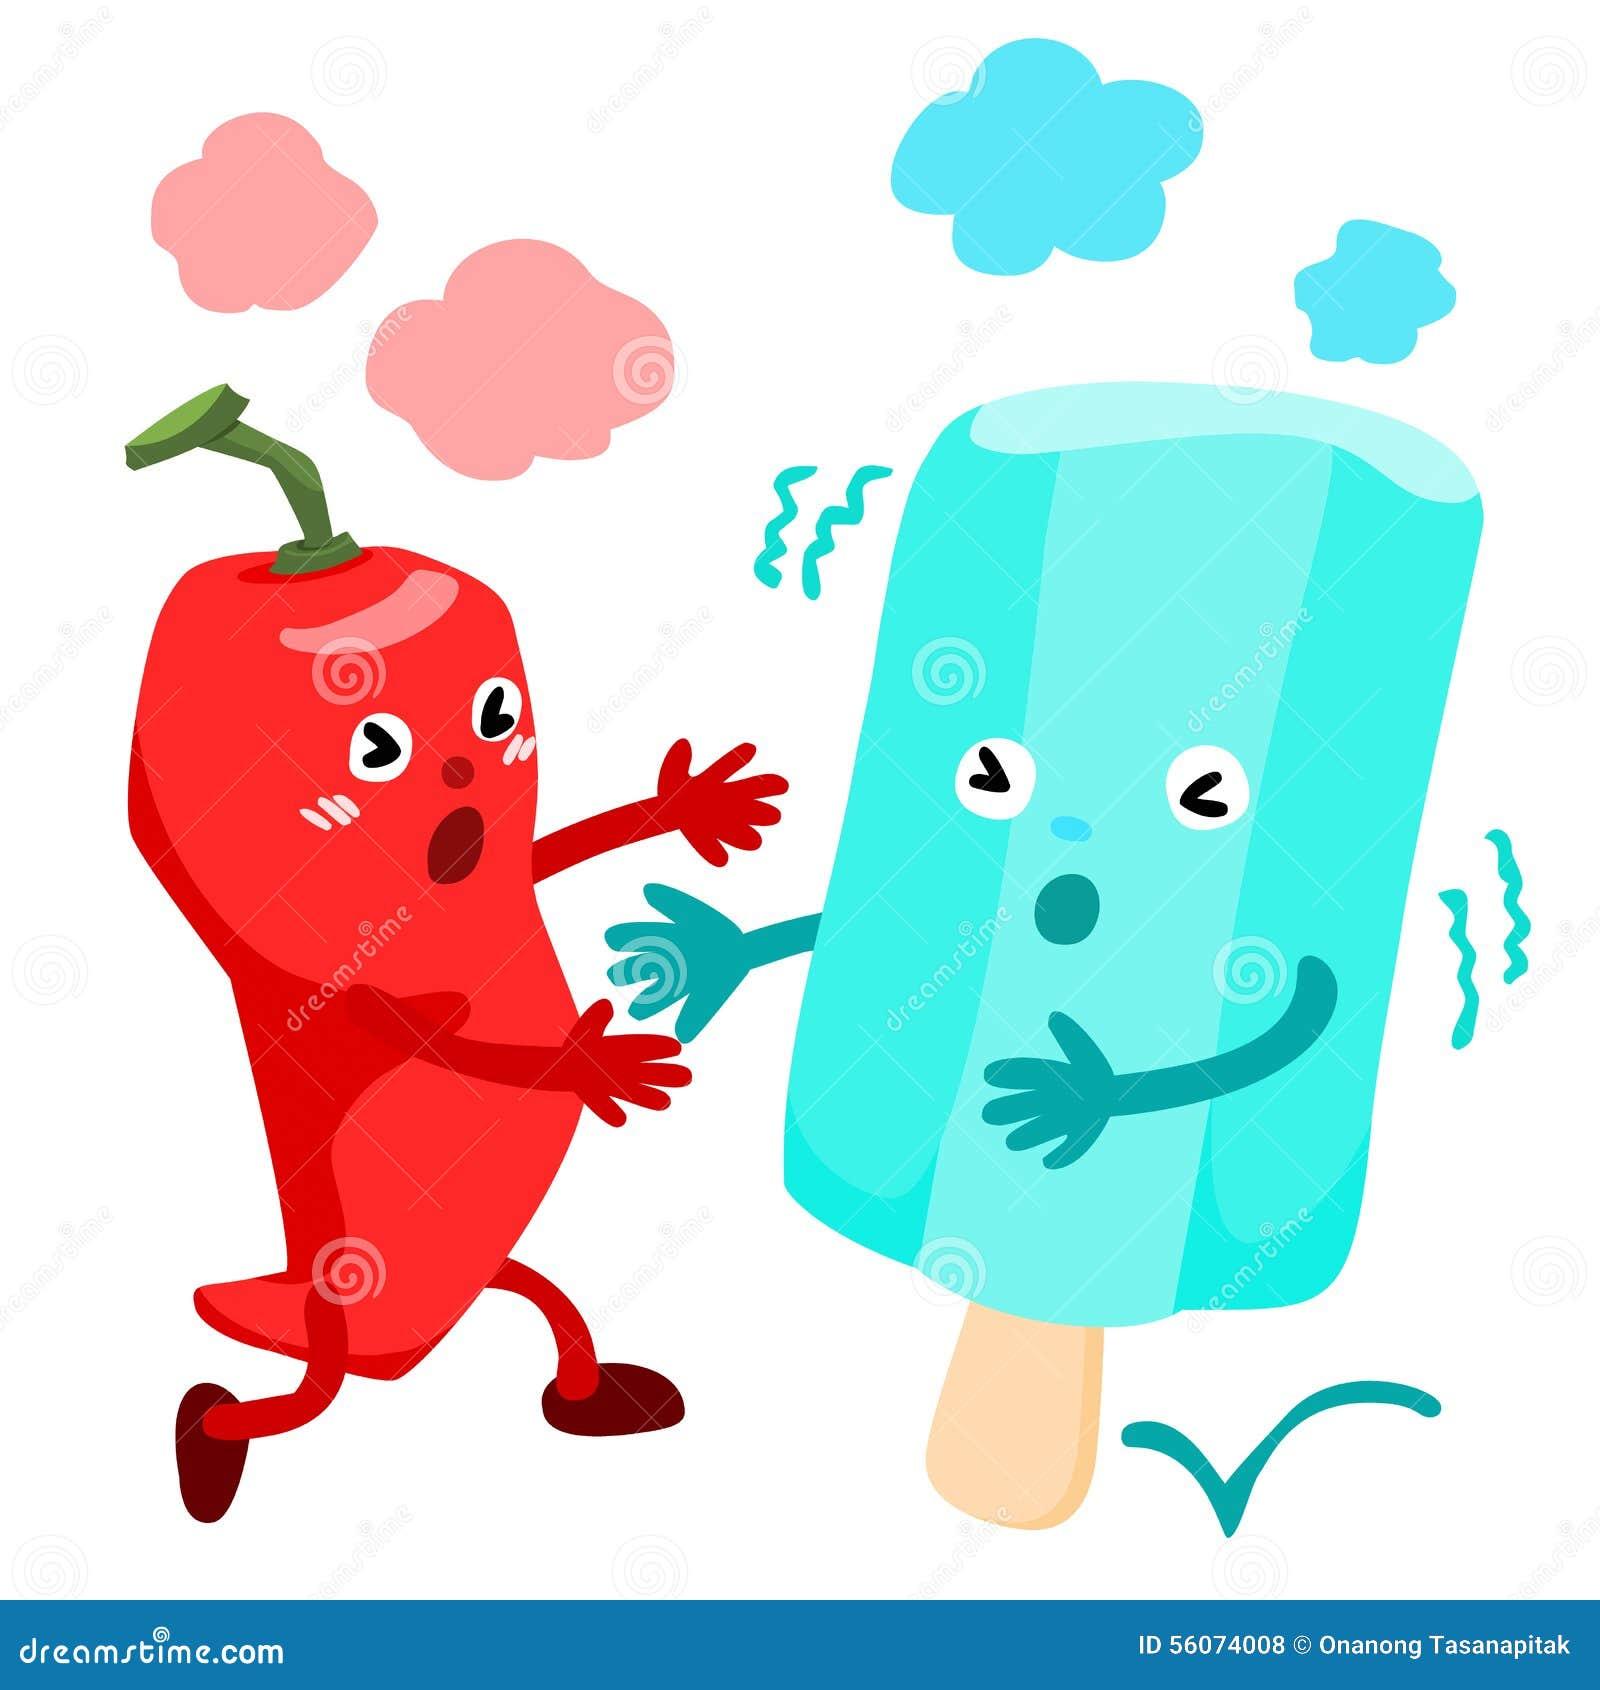 Hot chili pepper run to cold ice cream vector